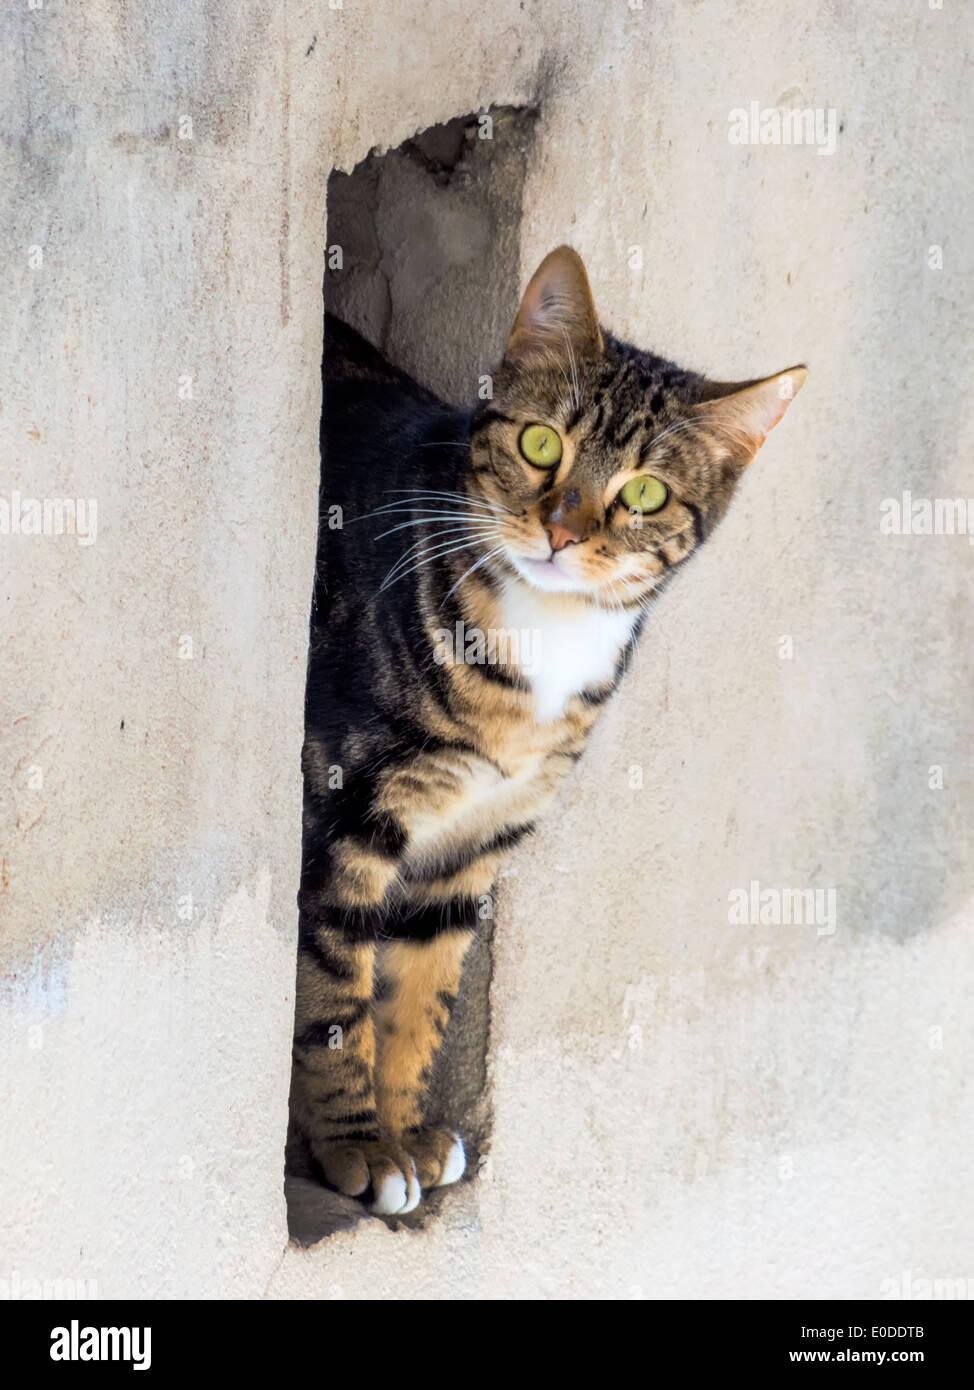 A small cat sees curiously from the niche of a wall, Eine kleine Katze sieht neugierig aus der Nische einer Mauer Stock Photo